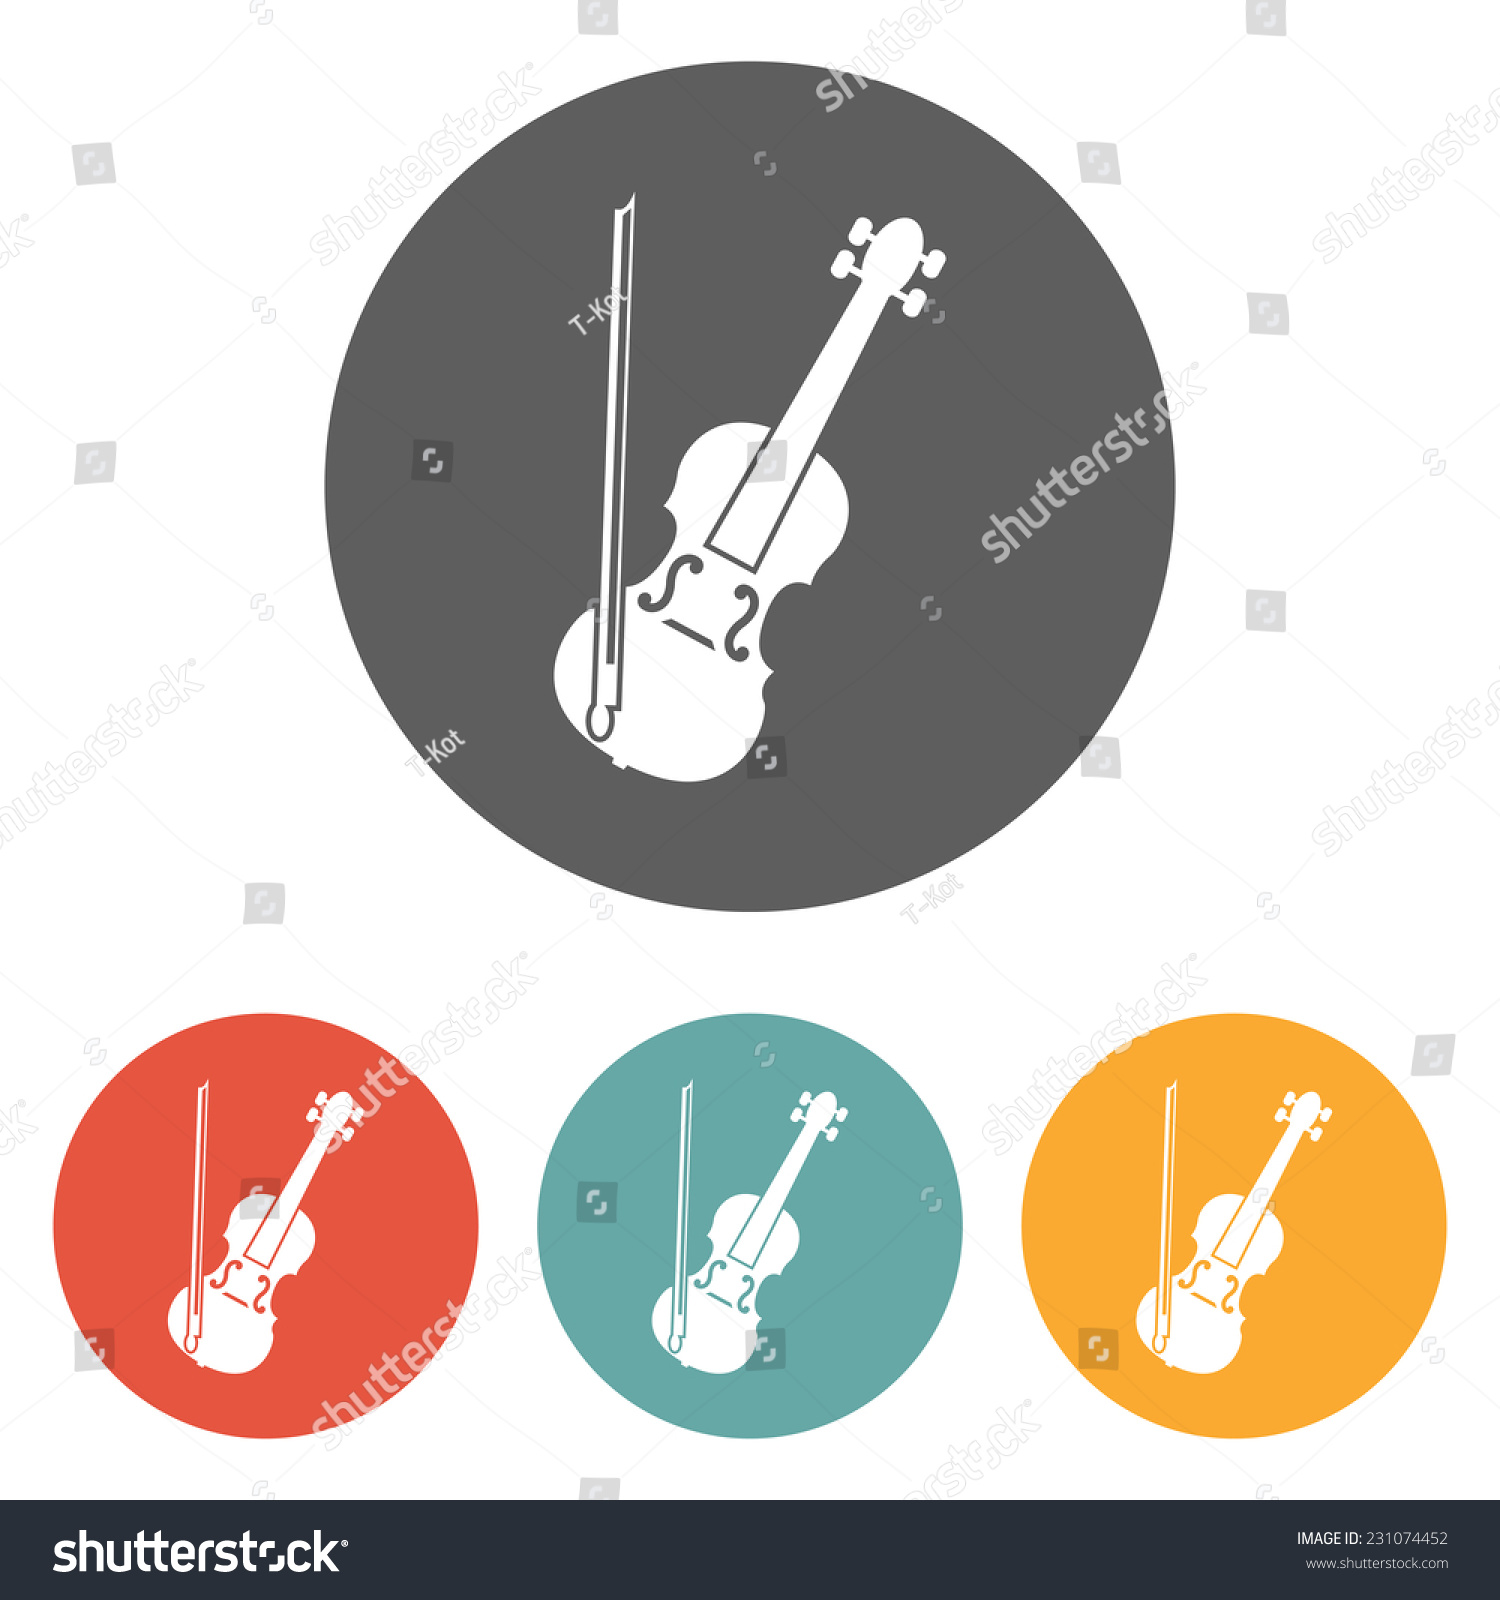 小提琴的图标图片